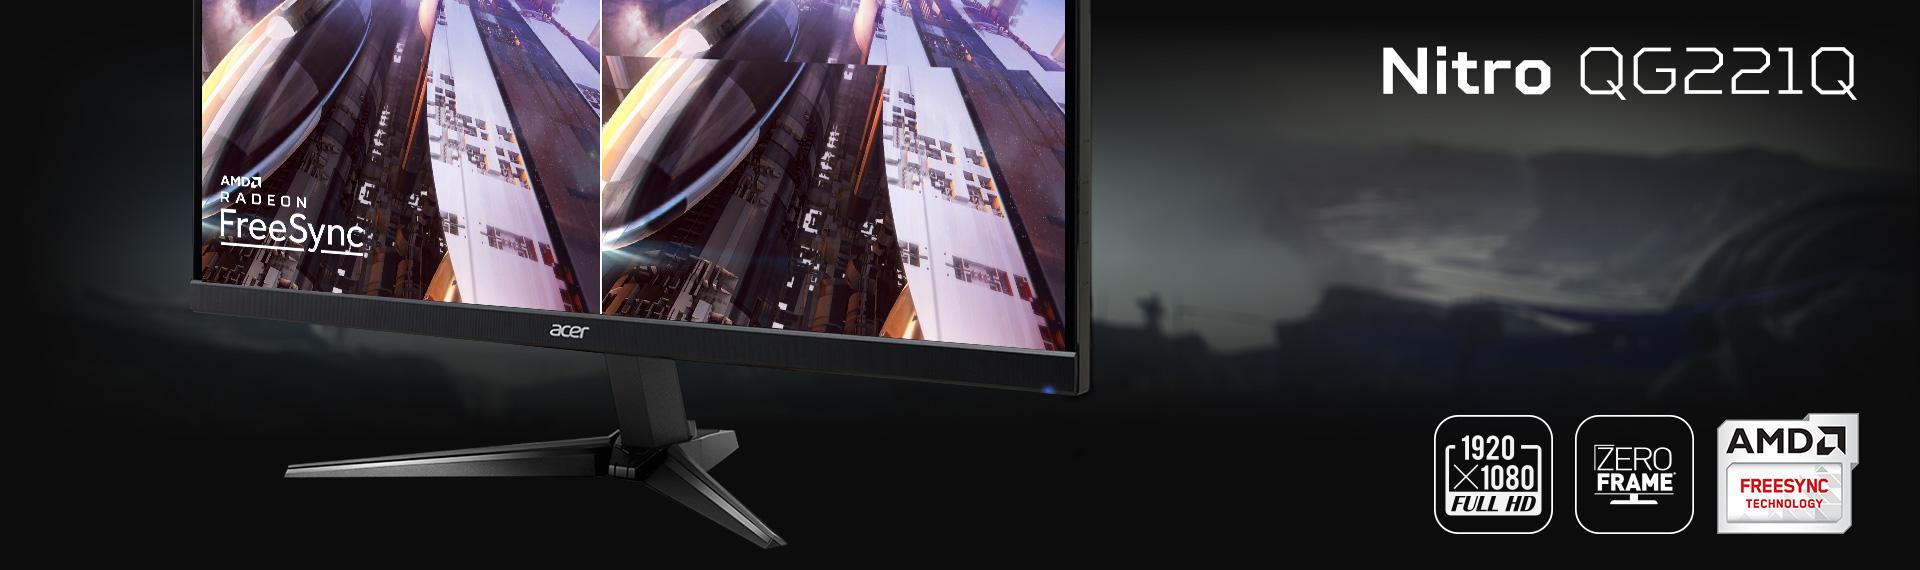 Monitor Nitro QG221Q, Teman Gaming Gokil di 2020